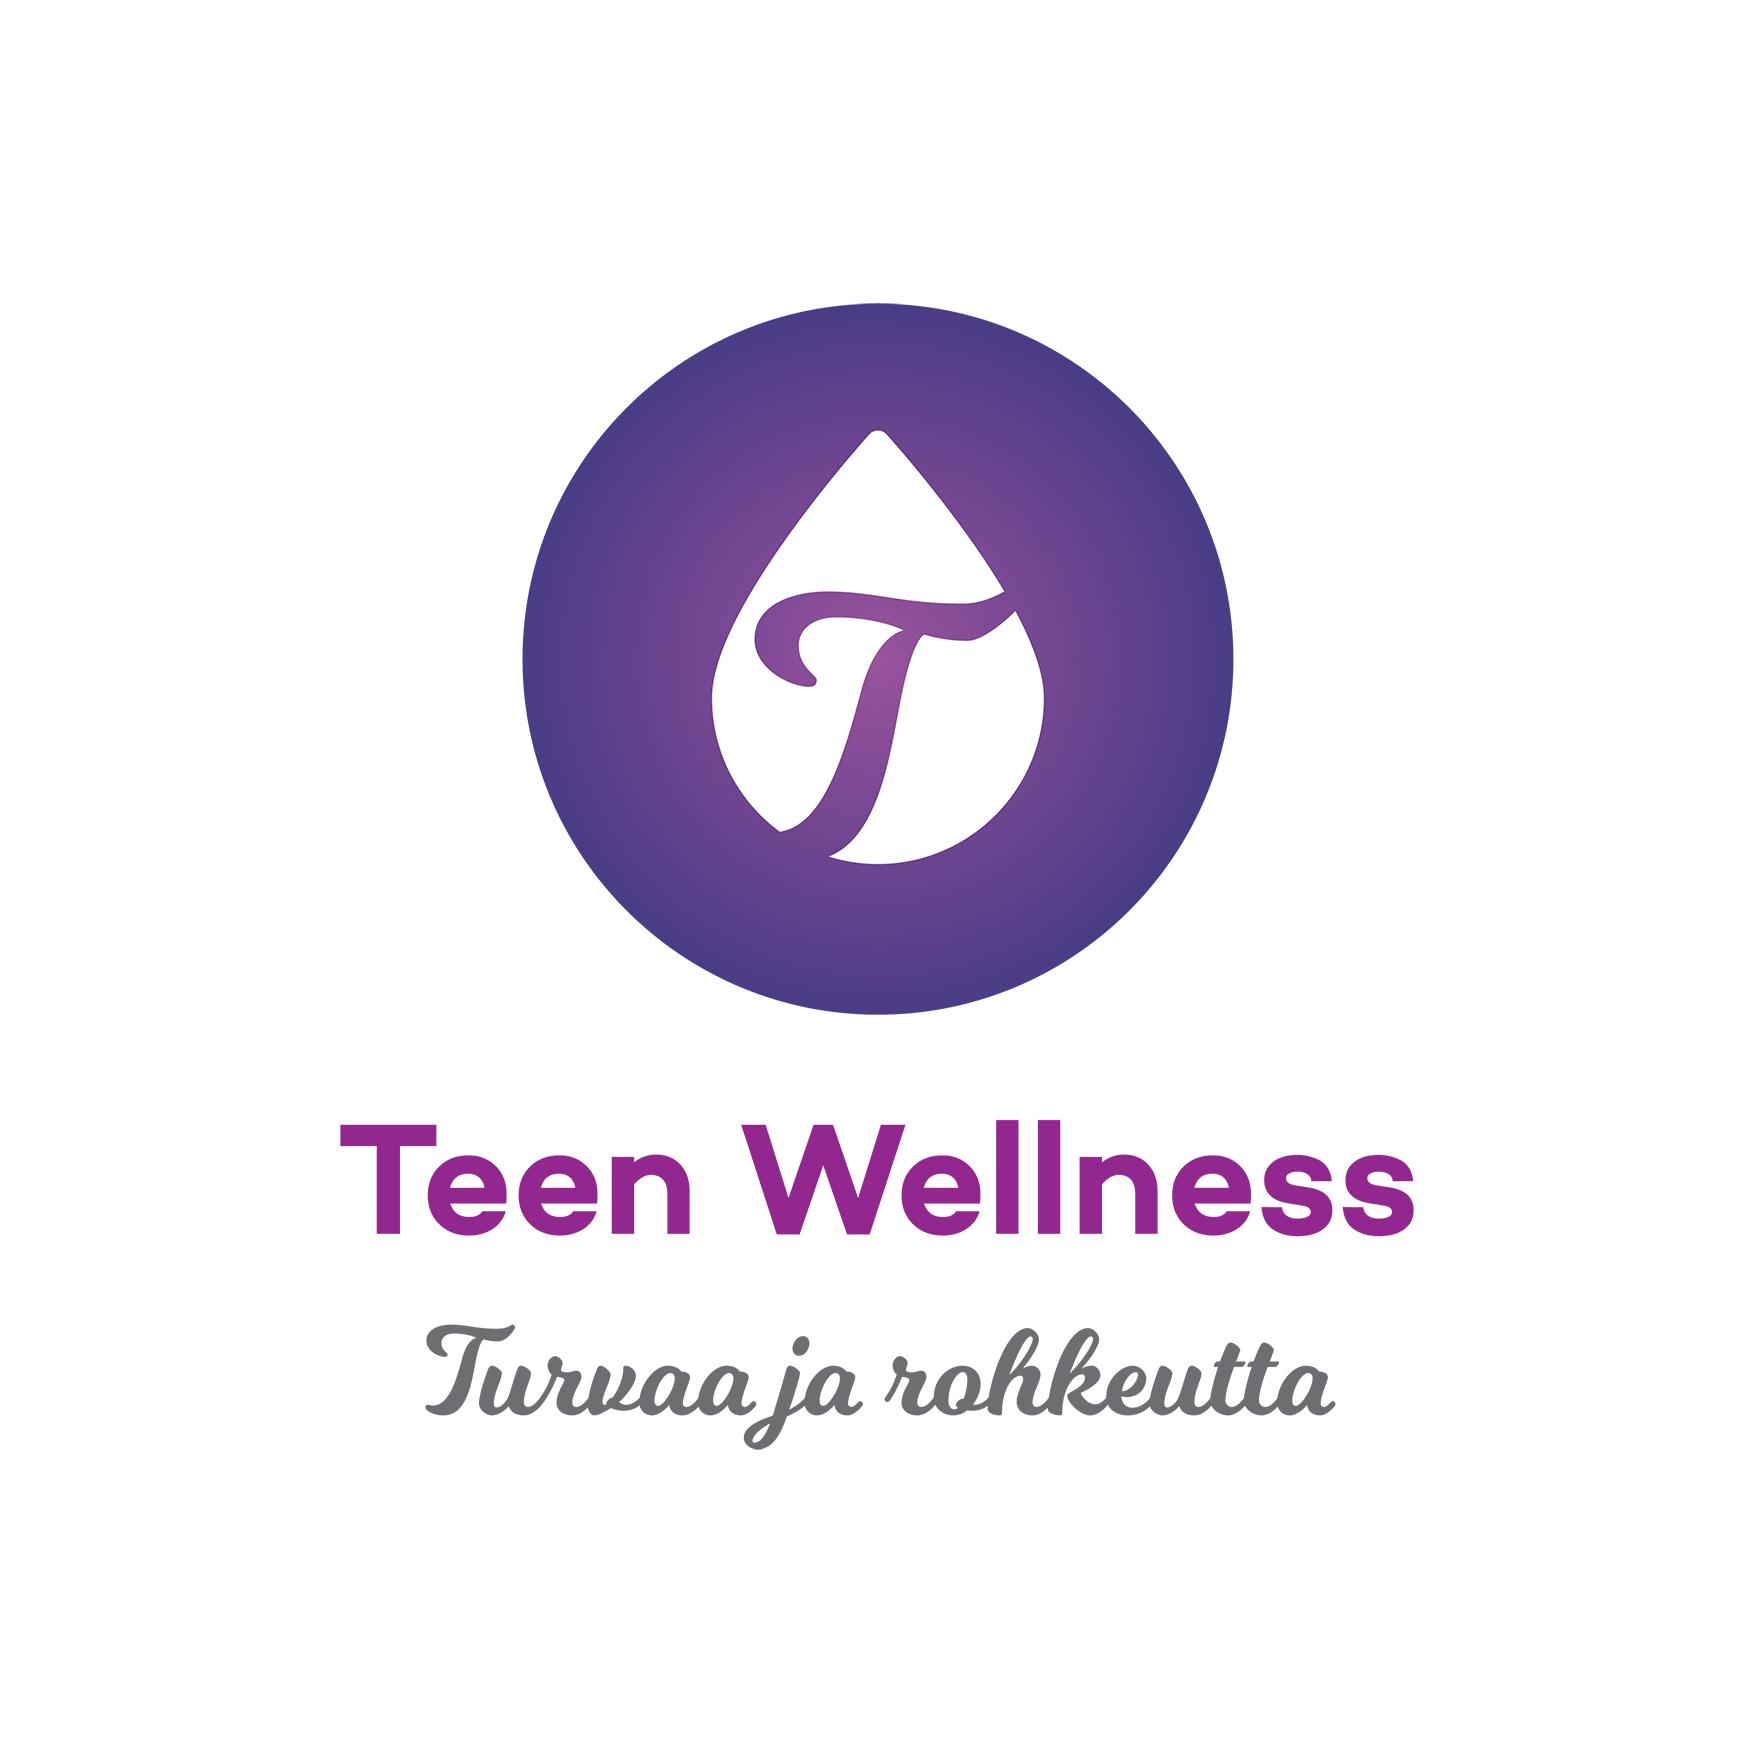 Teen Wellnes, Turvaa ja rohkeutta